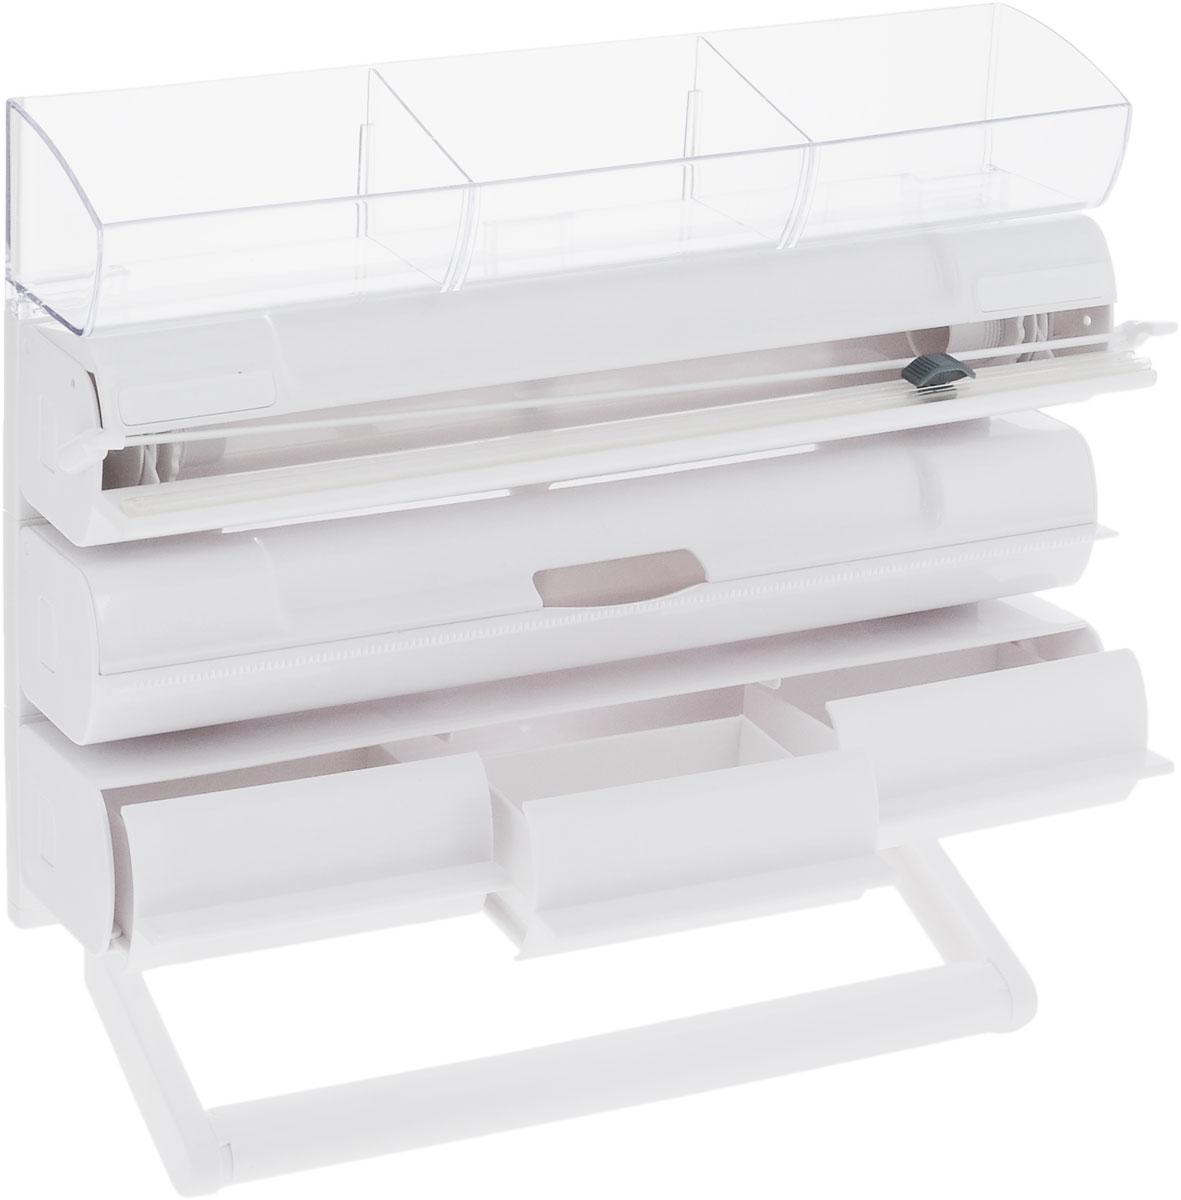 Органайзер кухонный Tescoma On Wall. 5 в 1, 30 х 38,5 х 8,5 смFA-5125 WhiteОрганайзер кухонный Tescoma On Wall. 5 в 1 выполнен из высококачественного пластика. Применяется для хранения и использования пищевой пленки, алюминиевой фольги и бумажных полотенец. Размещается на стене. Имеет прозрачную полку с тремя выдвижными ящиками для хранения мелких кухонных принадлежностей. Диспенсеры для пищевой пленки / алюминиевой фольги можно извлечь из органайзера и использовать отдельно. Конец пленки не прилипает к диспенсеру. В комплекте прилагаются инструкции и крепежи.Общий размер органайзера: 30 х 38,5 х 8,5 см.